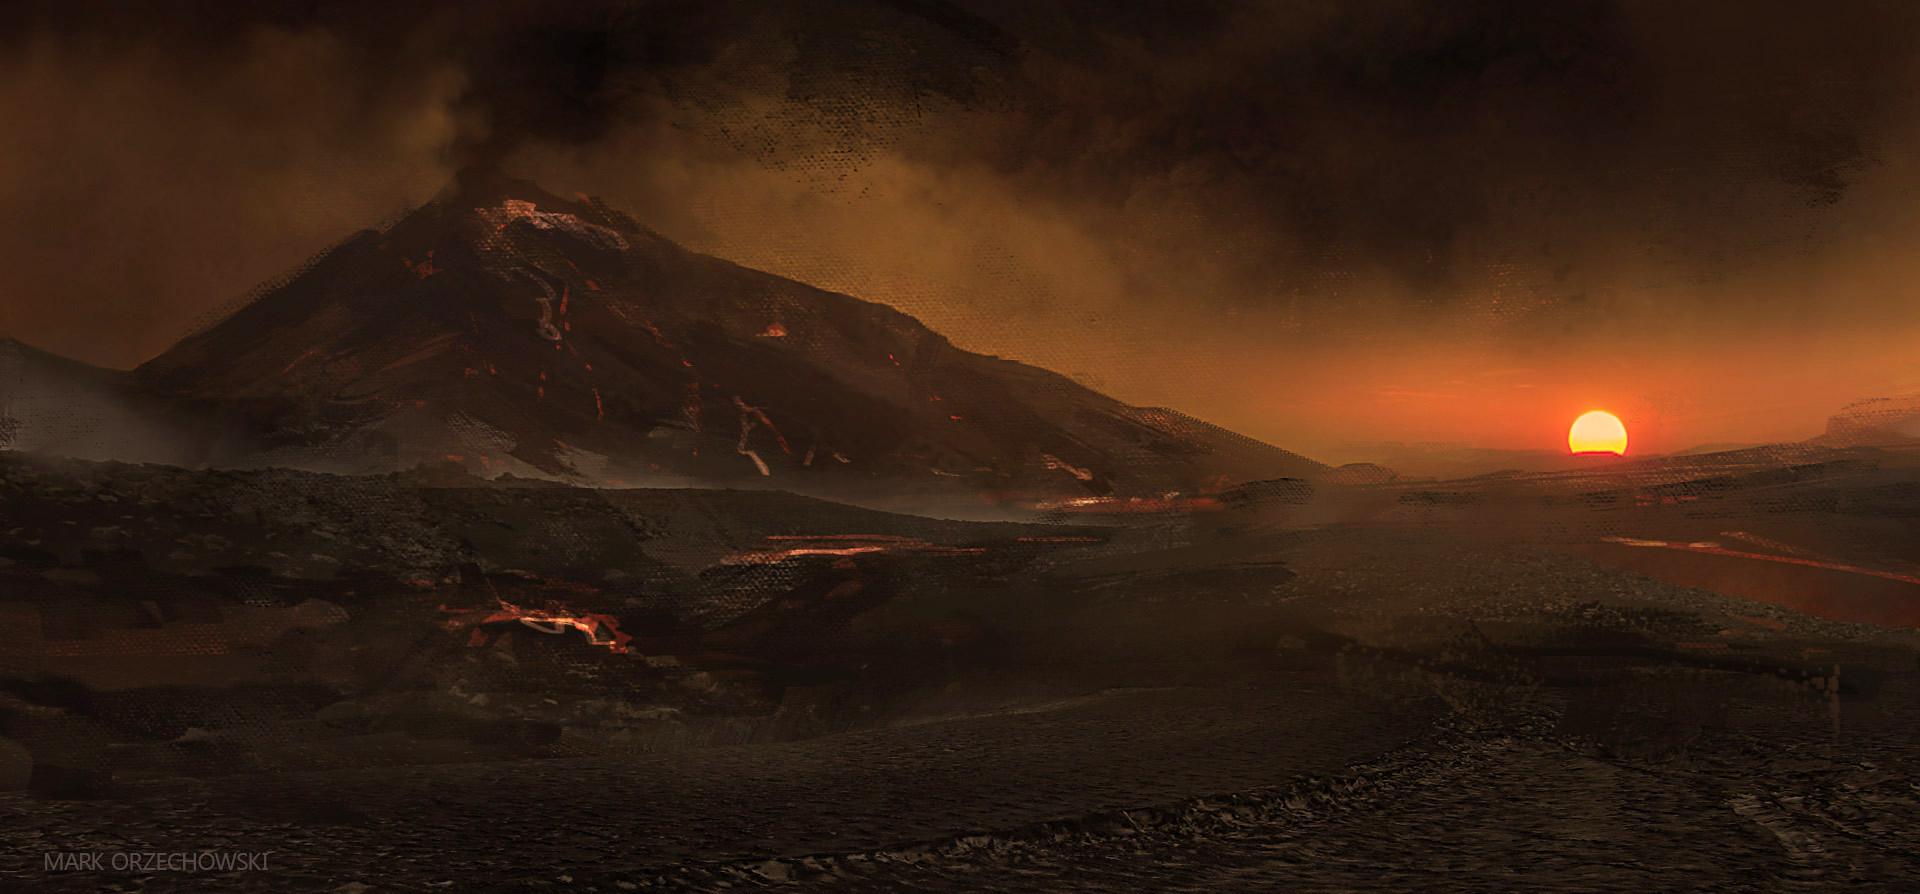 Mark orzechowski black desert2